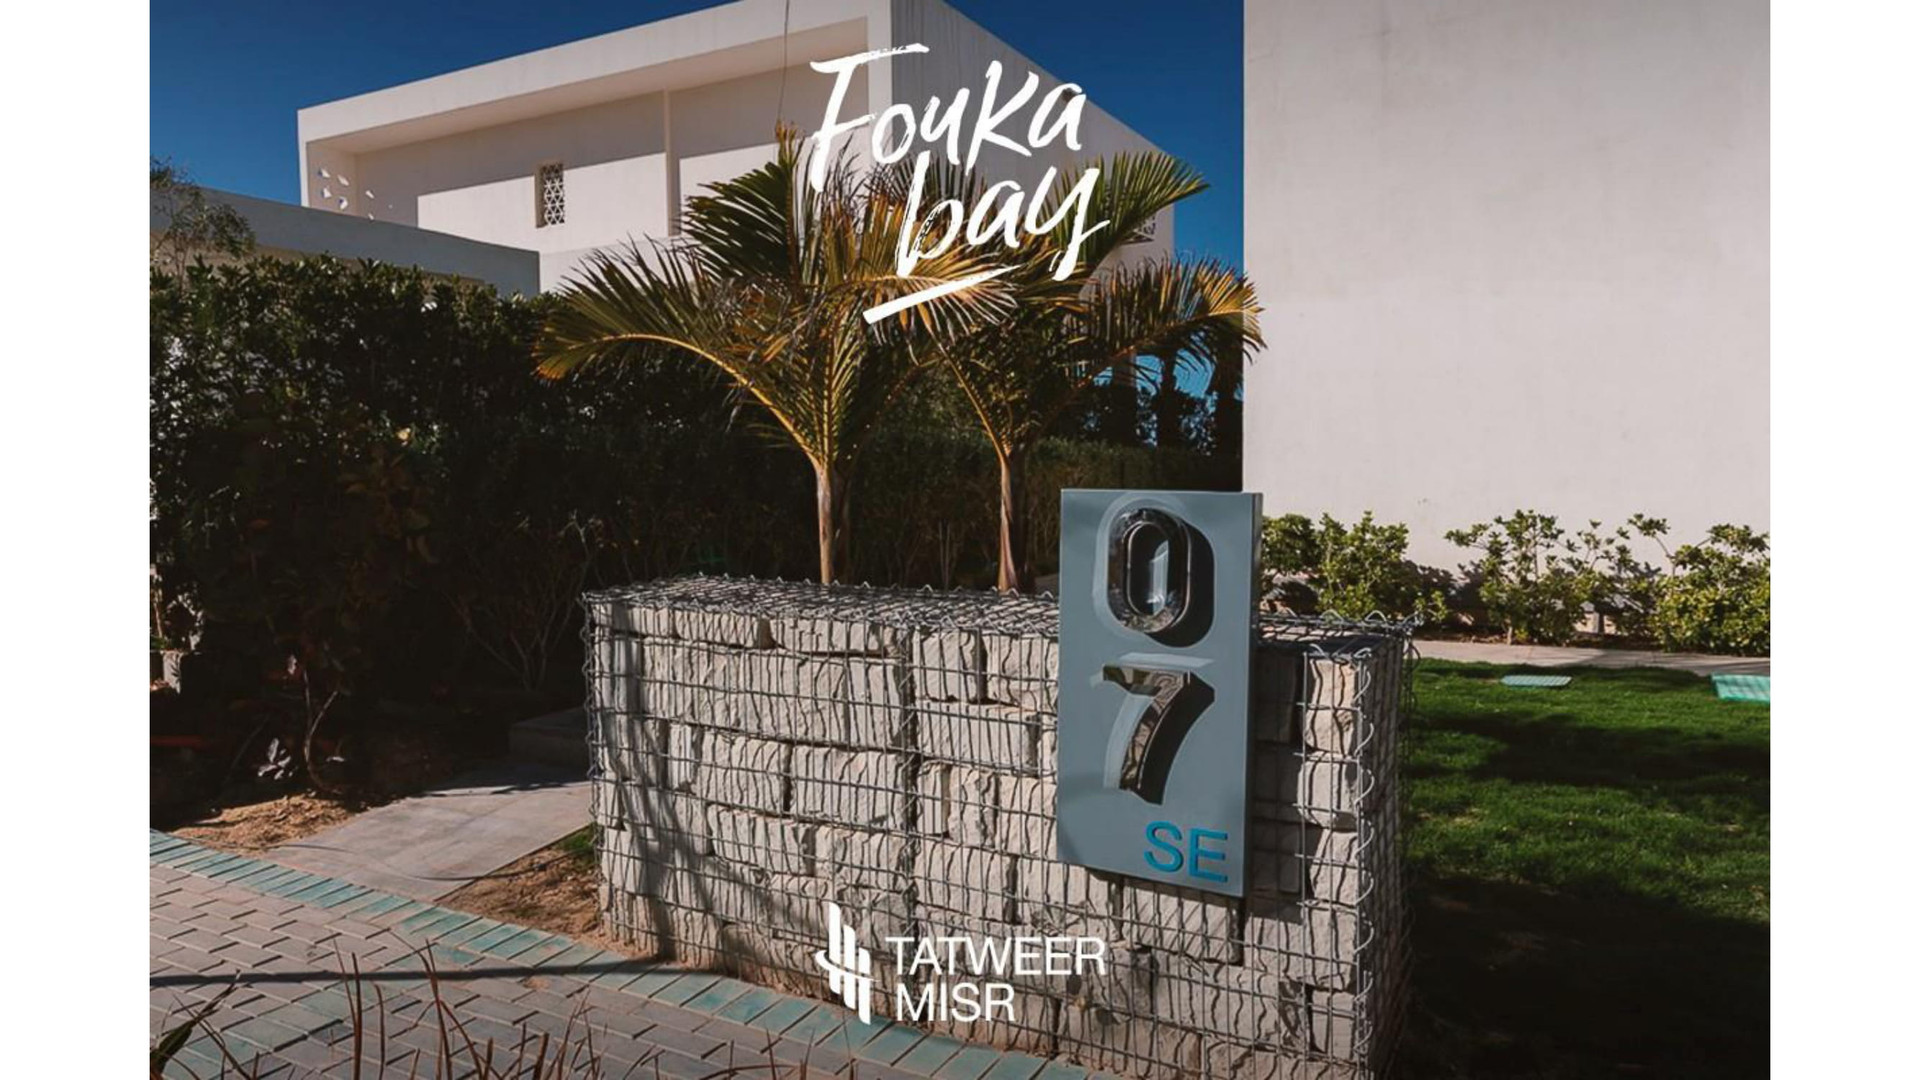 Fouka Live Photos-13.jpg